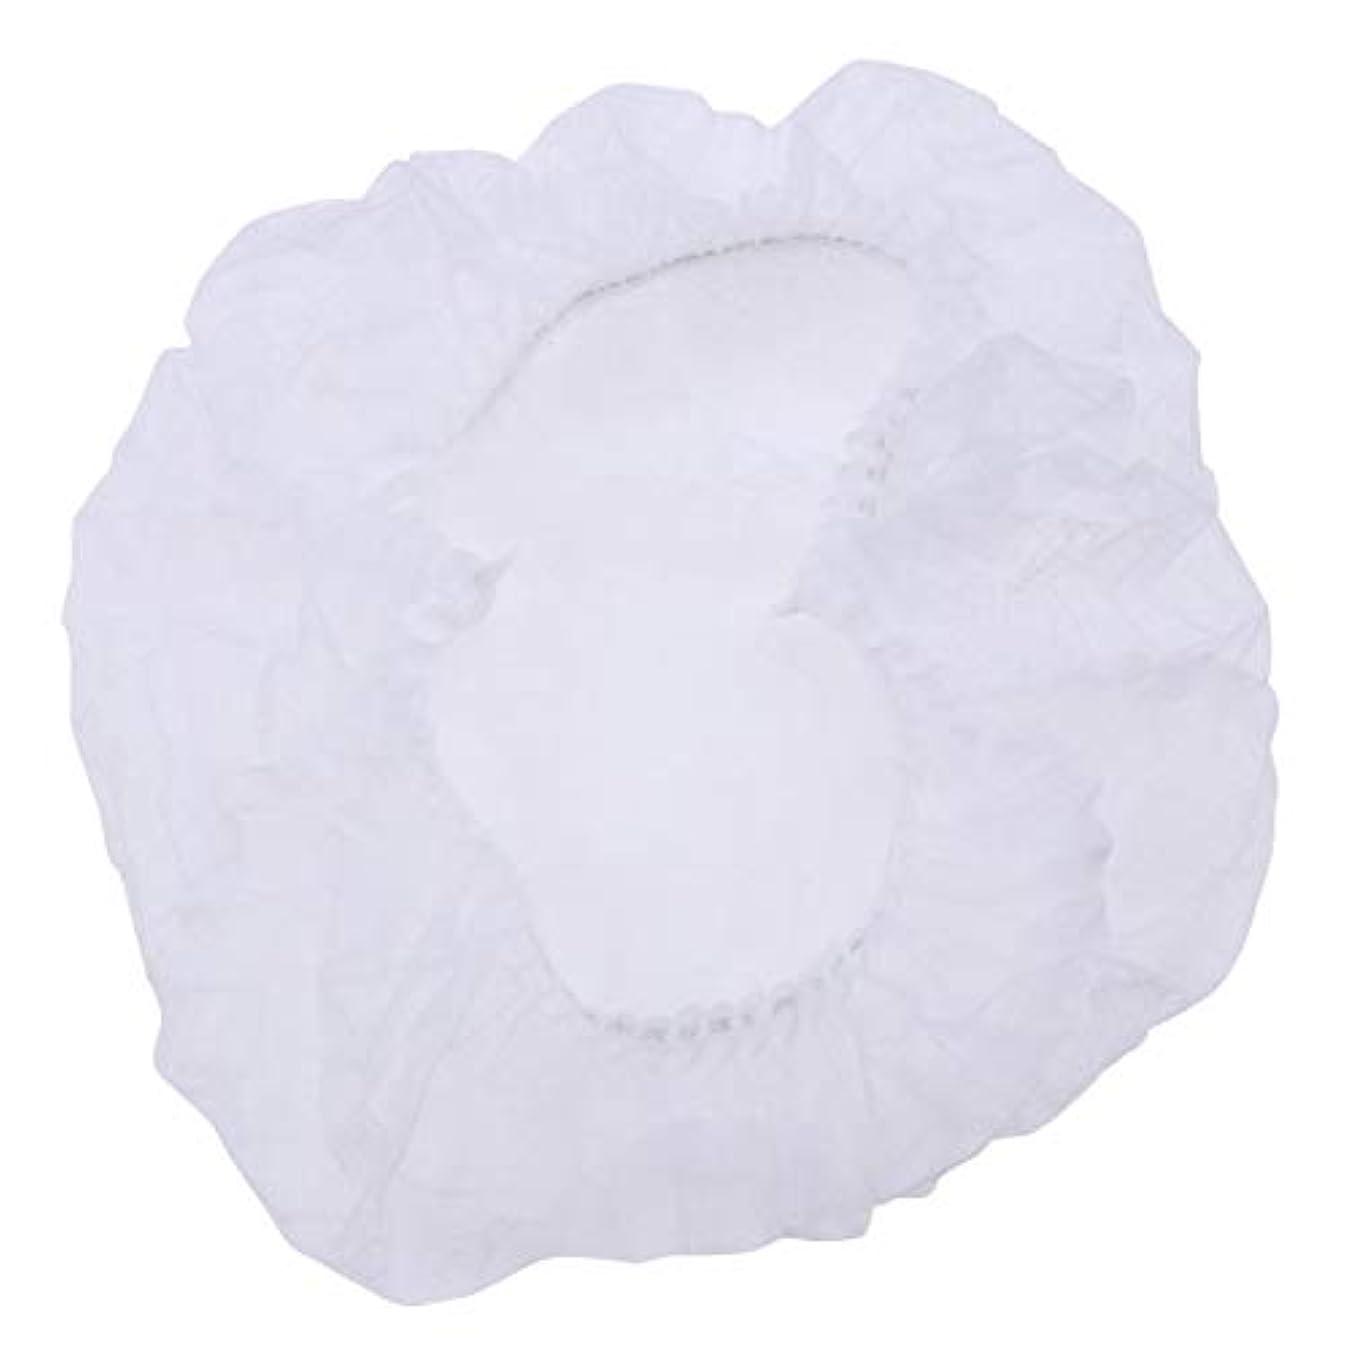 従う世界に死んだラウンジHealifty 100個使い捨てのふわふわキャップ医療サービス食品焼き化粧用白髪ヘッドカバーネット(白)